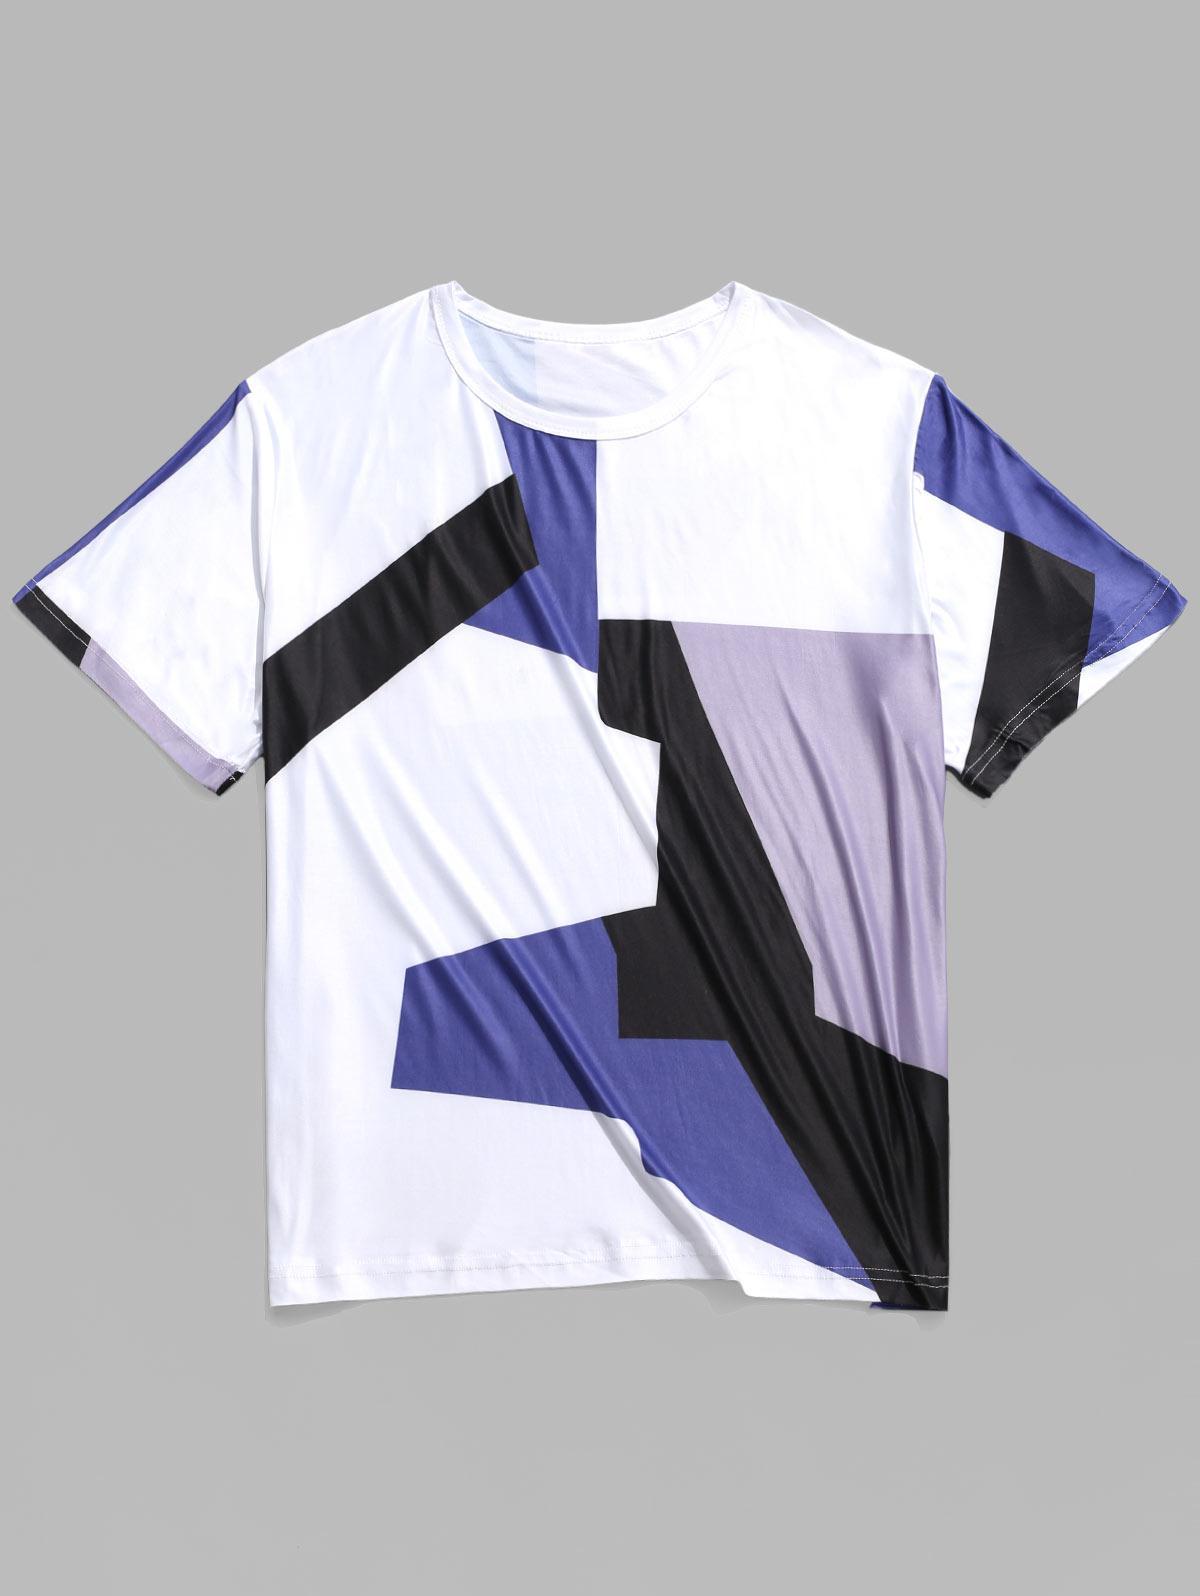 Geometriche di Colore Blocco Pannello Casual T-shirt